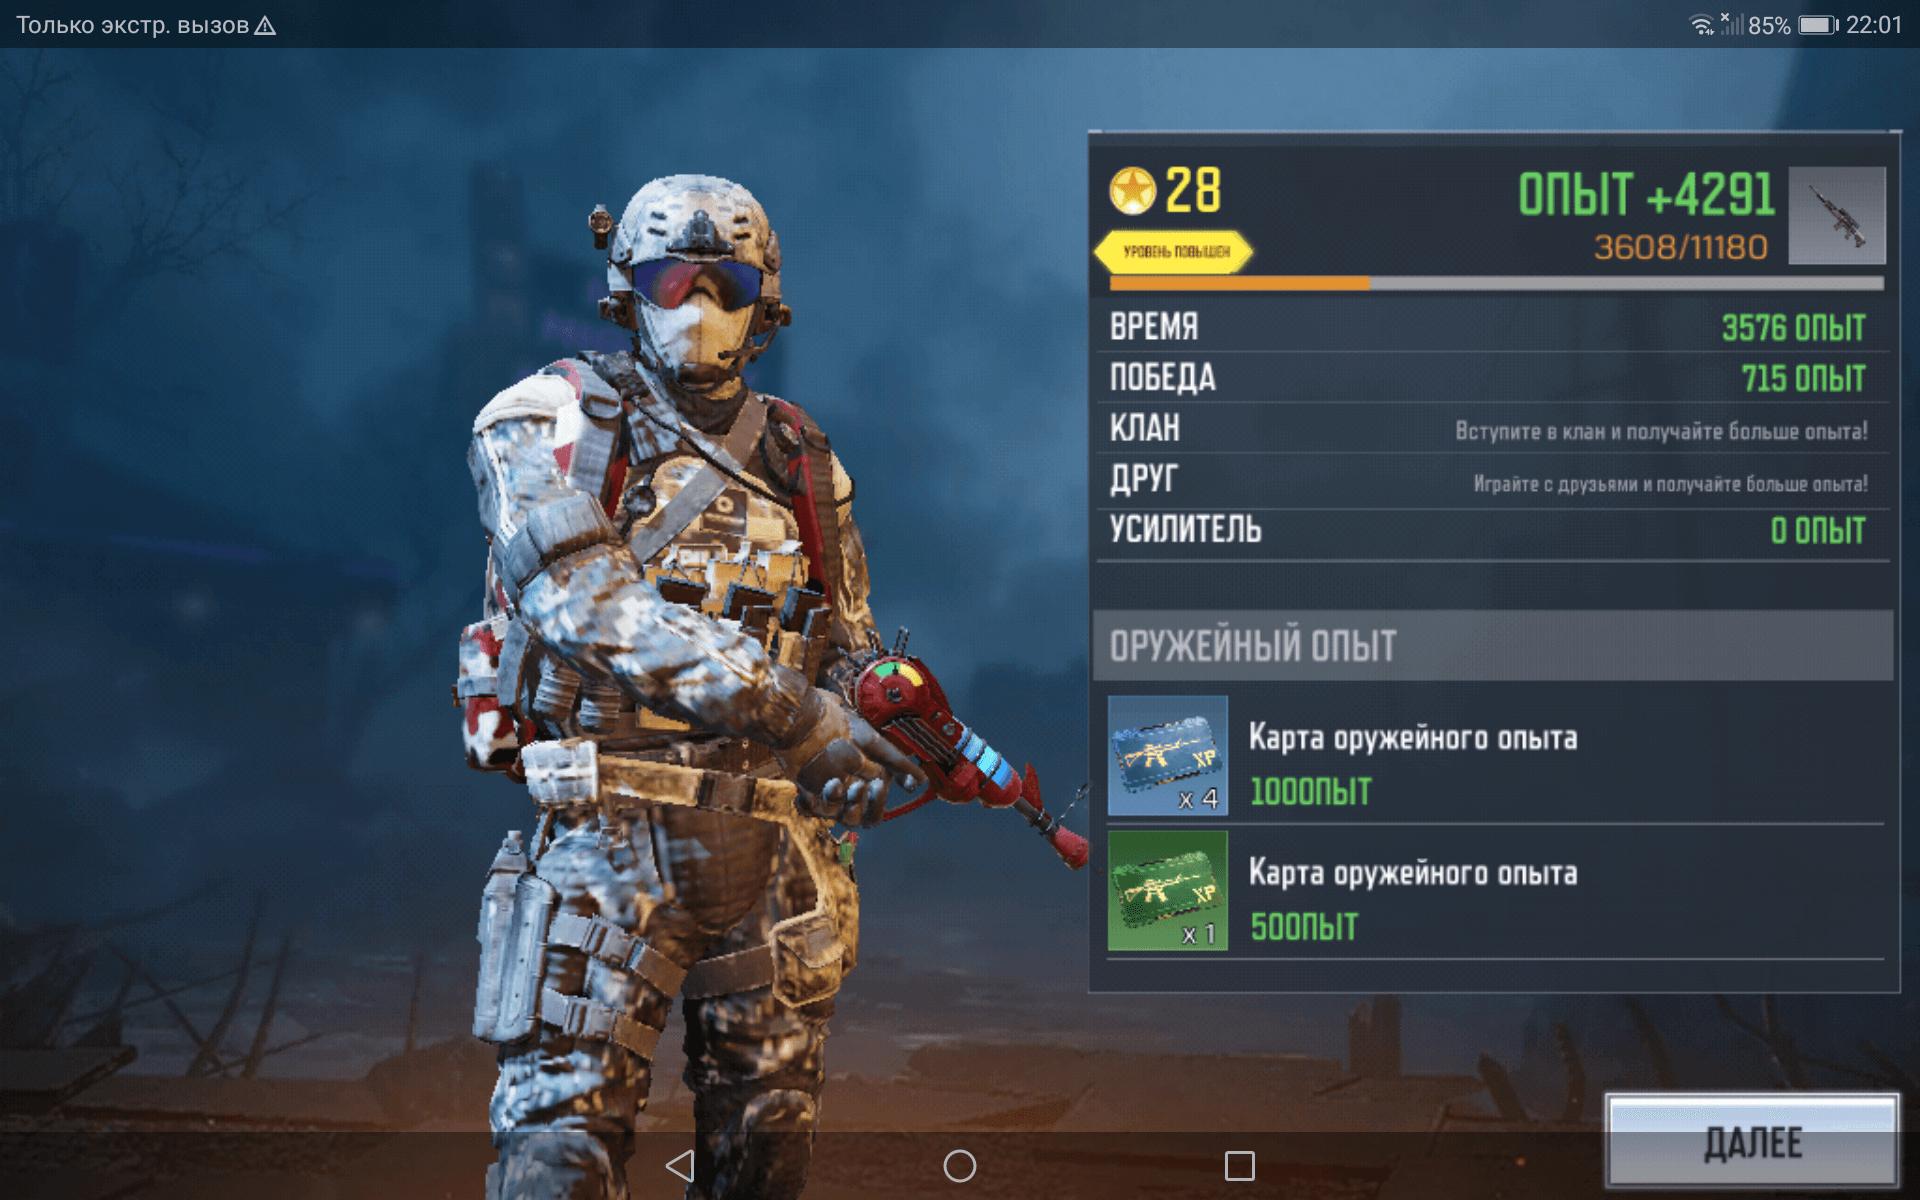 Окно CoD Mobile после матча в зомби-режиме